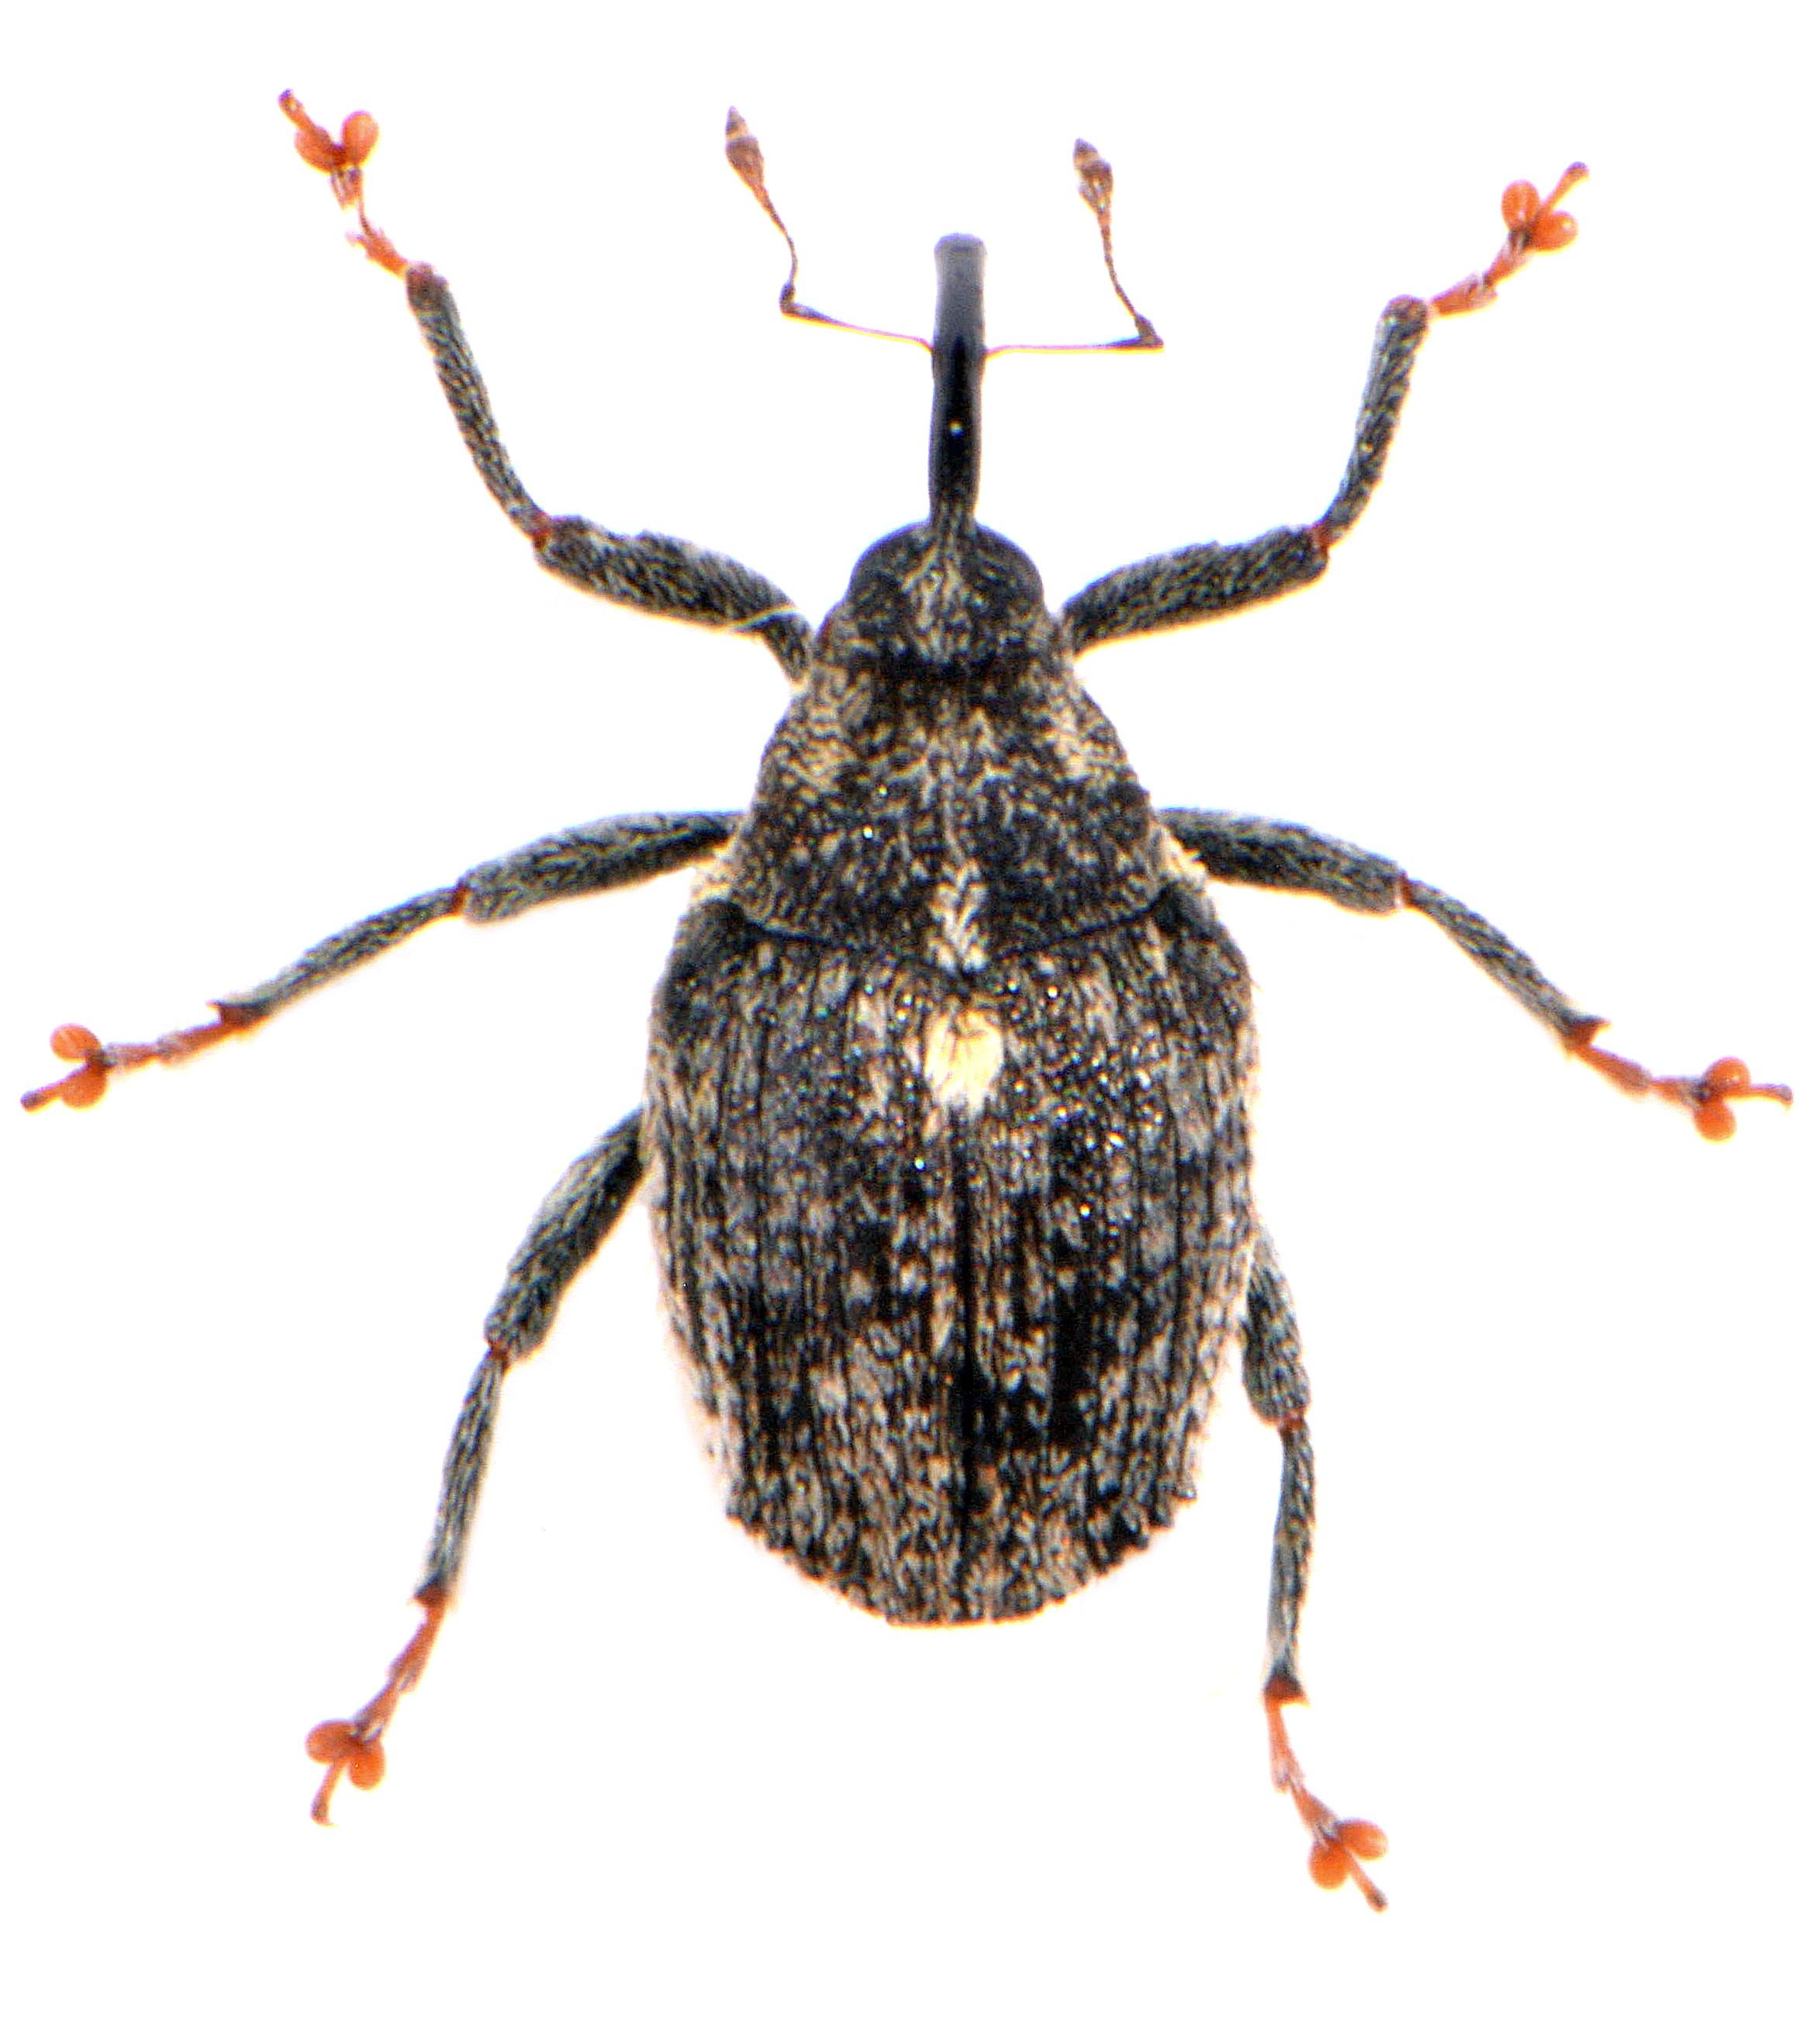 Ceutorhynchus pallidactylus 1